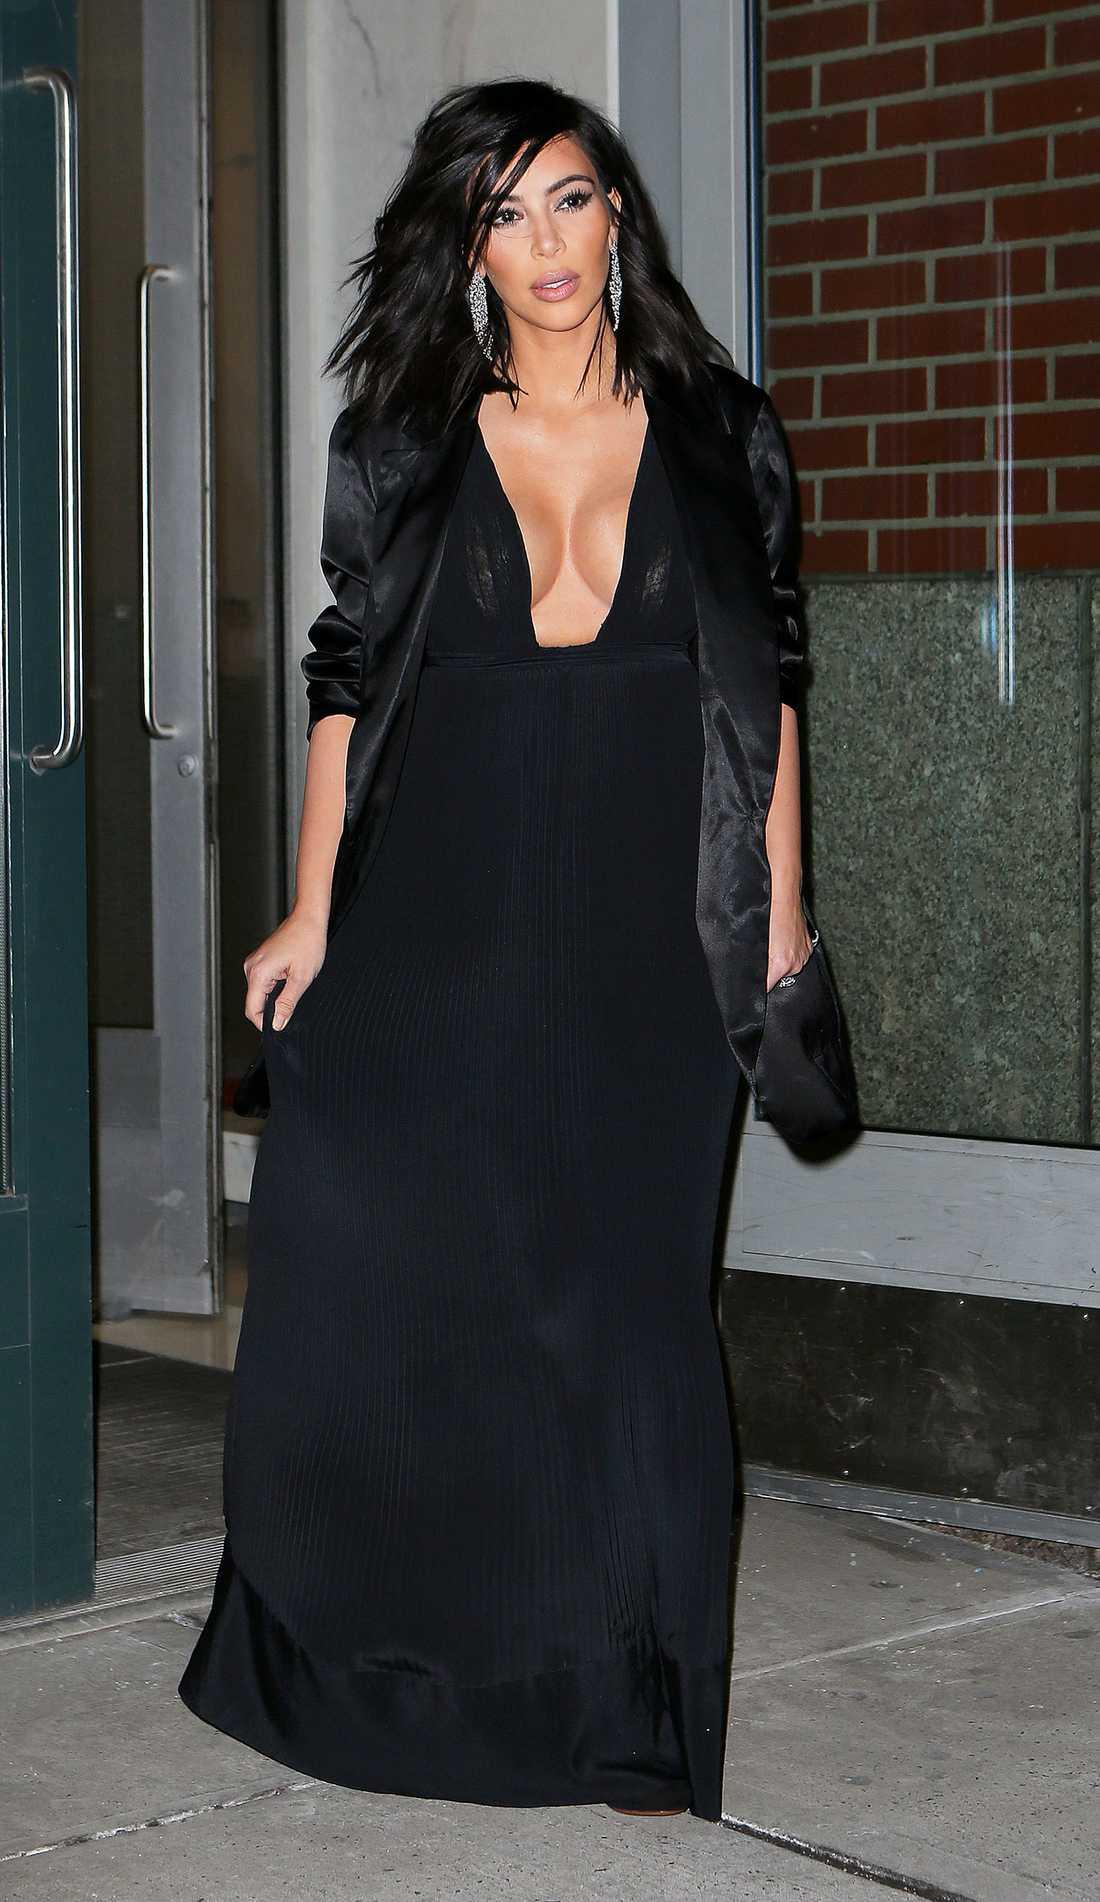 Kim Kardashian Kim Kardashian i elegant stass med en rejäl urringning så det gäller att hålla rätt på behagen. Till den nattsvarta looken satsar hon på rejäla örhängen vilket lyfter festoutfiten perfekt!